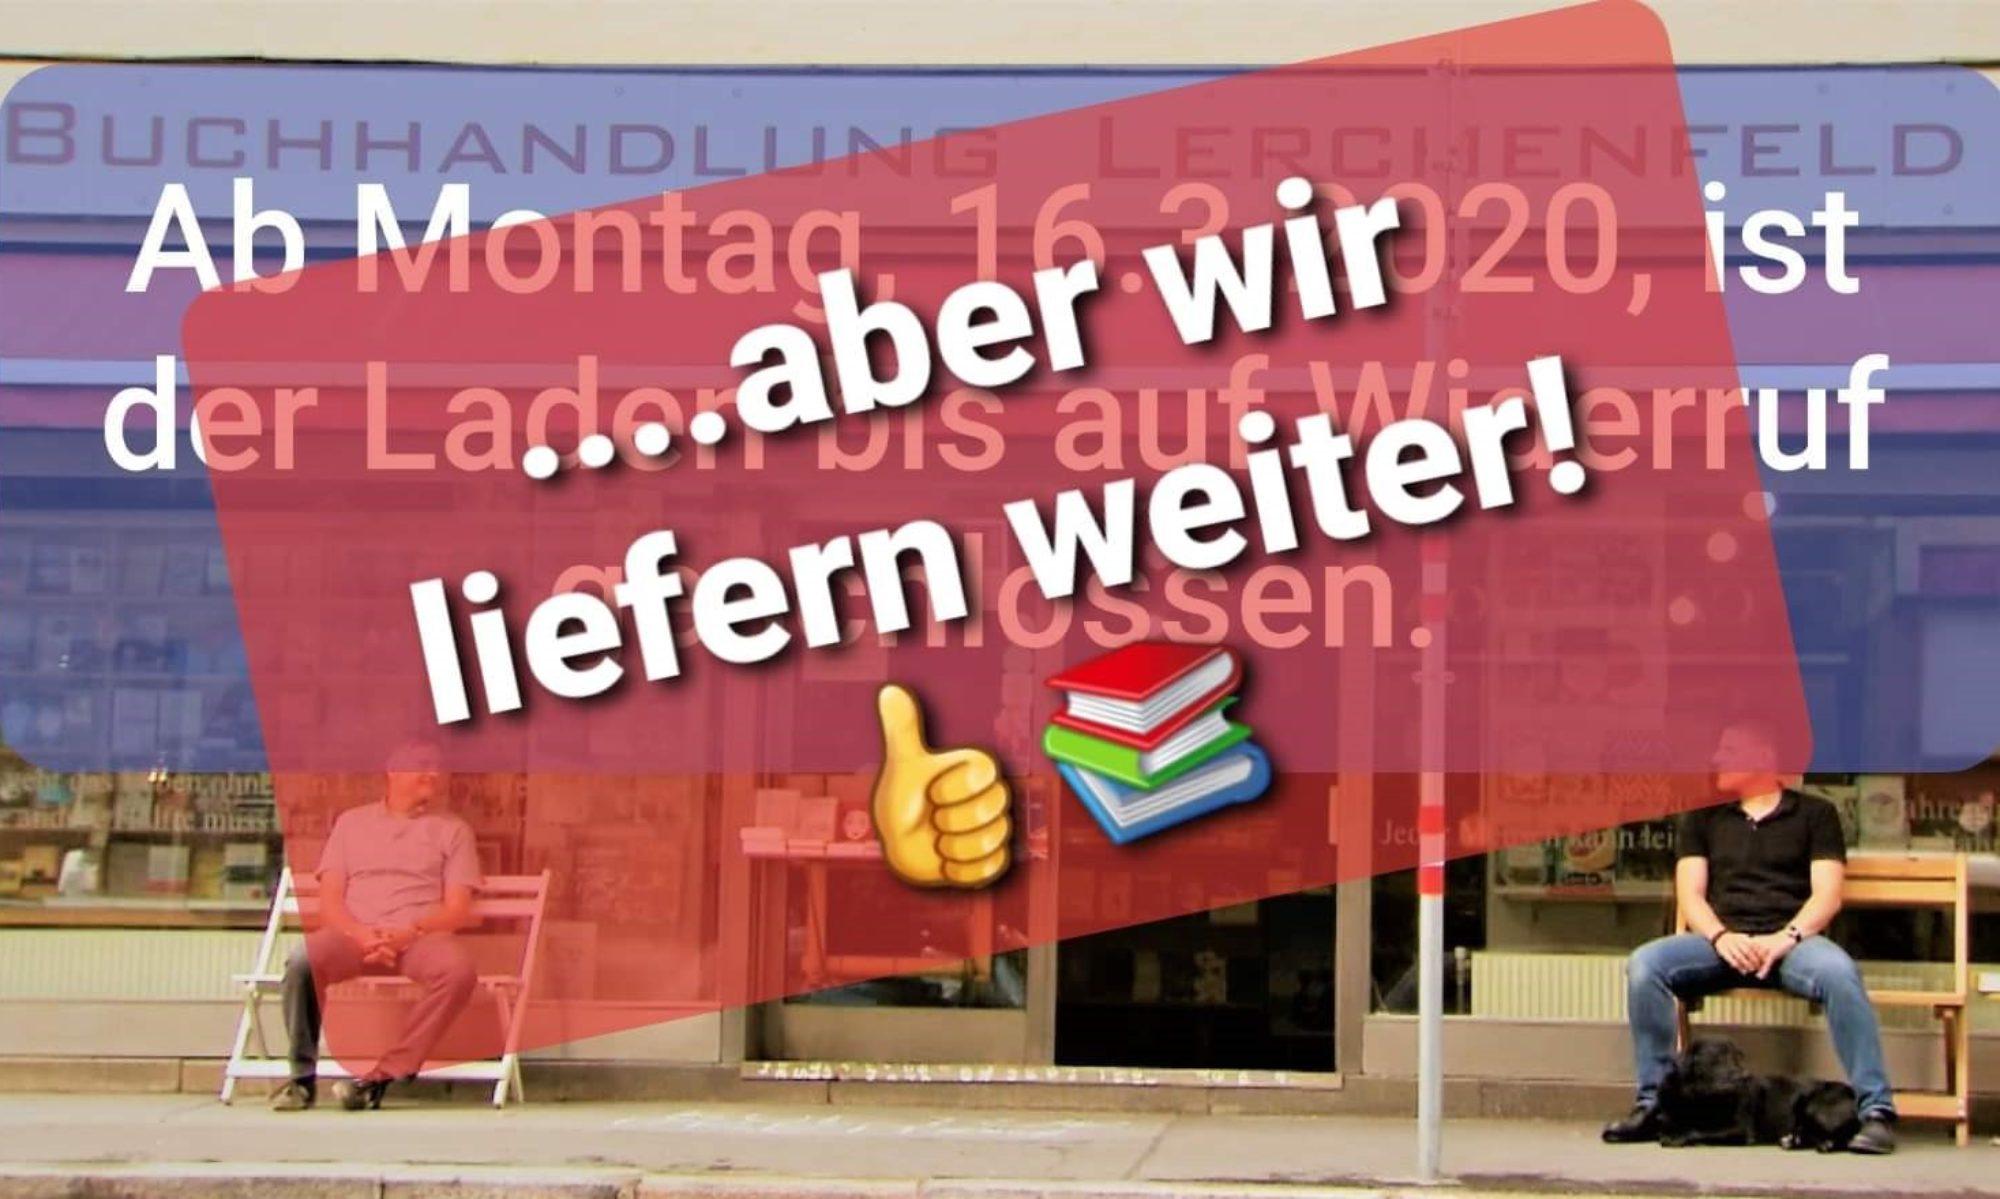 Buchhandlung Lerchenfeld